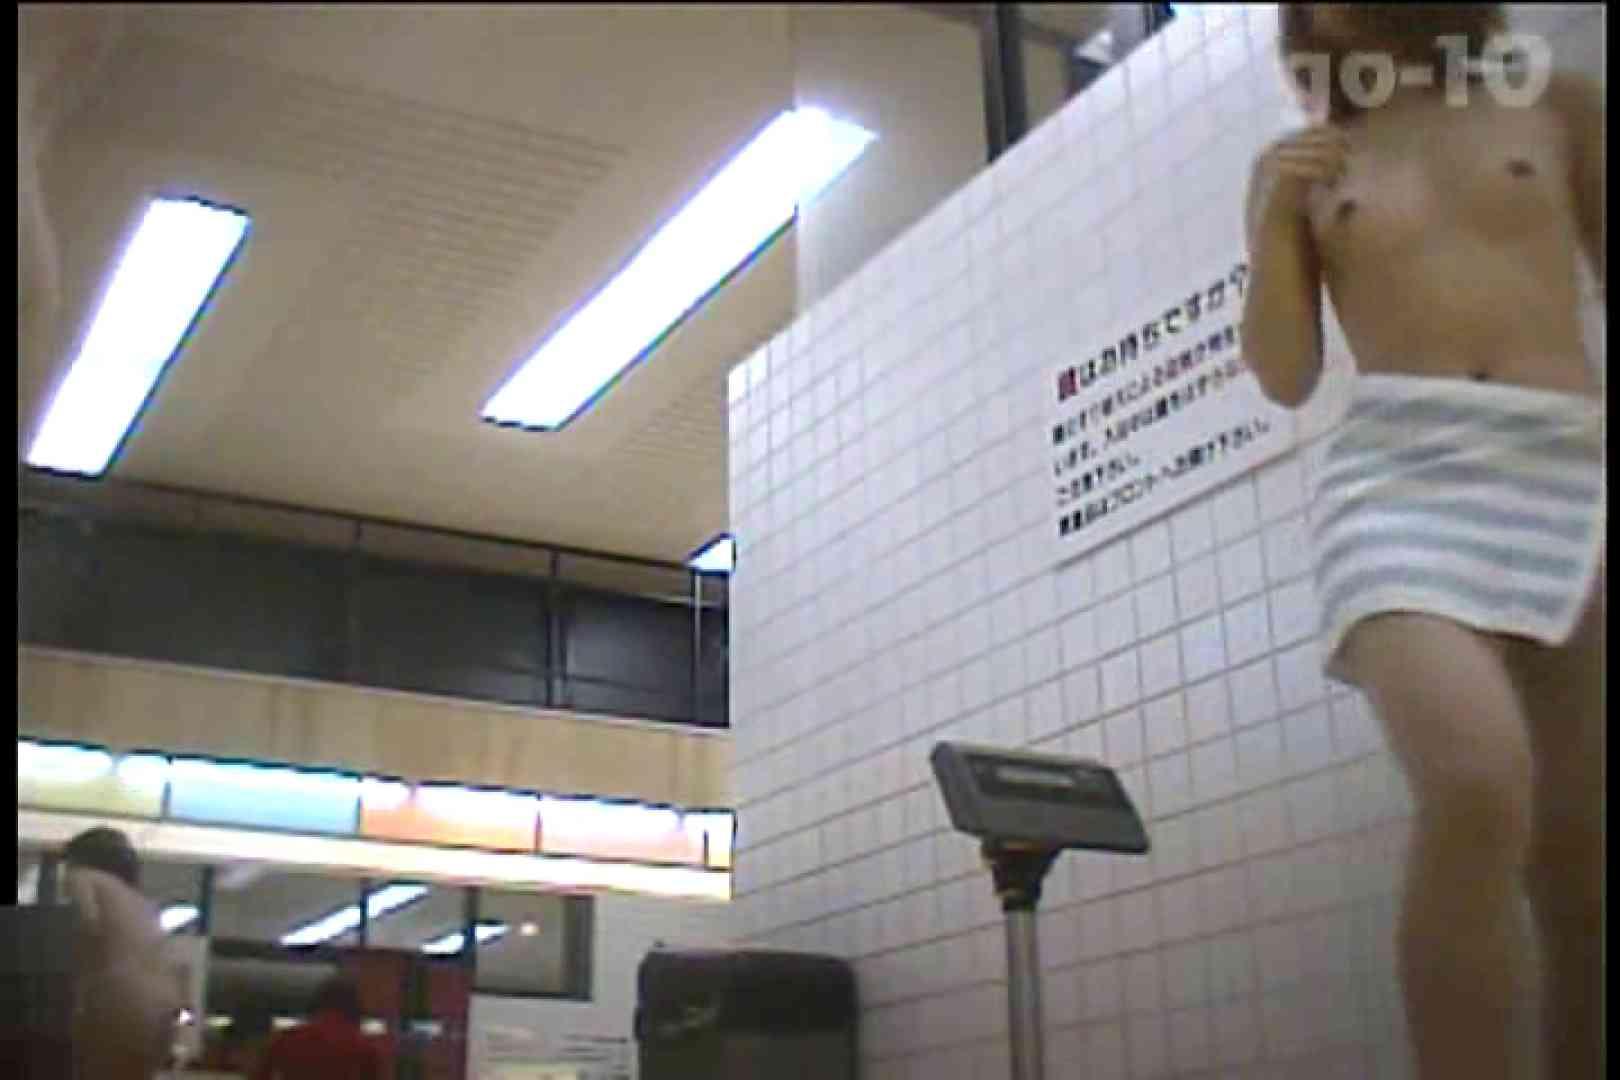 電波カメラ設置浴場からの防HAN映像 Vol.10 OL女体 | 女体盗撮  86連発 82